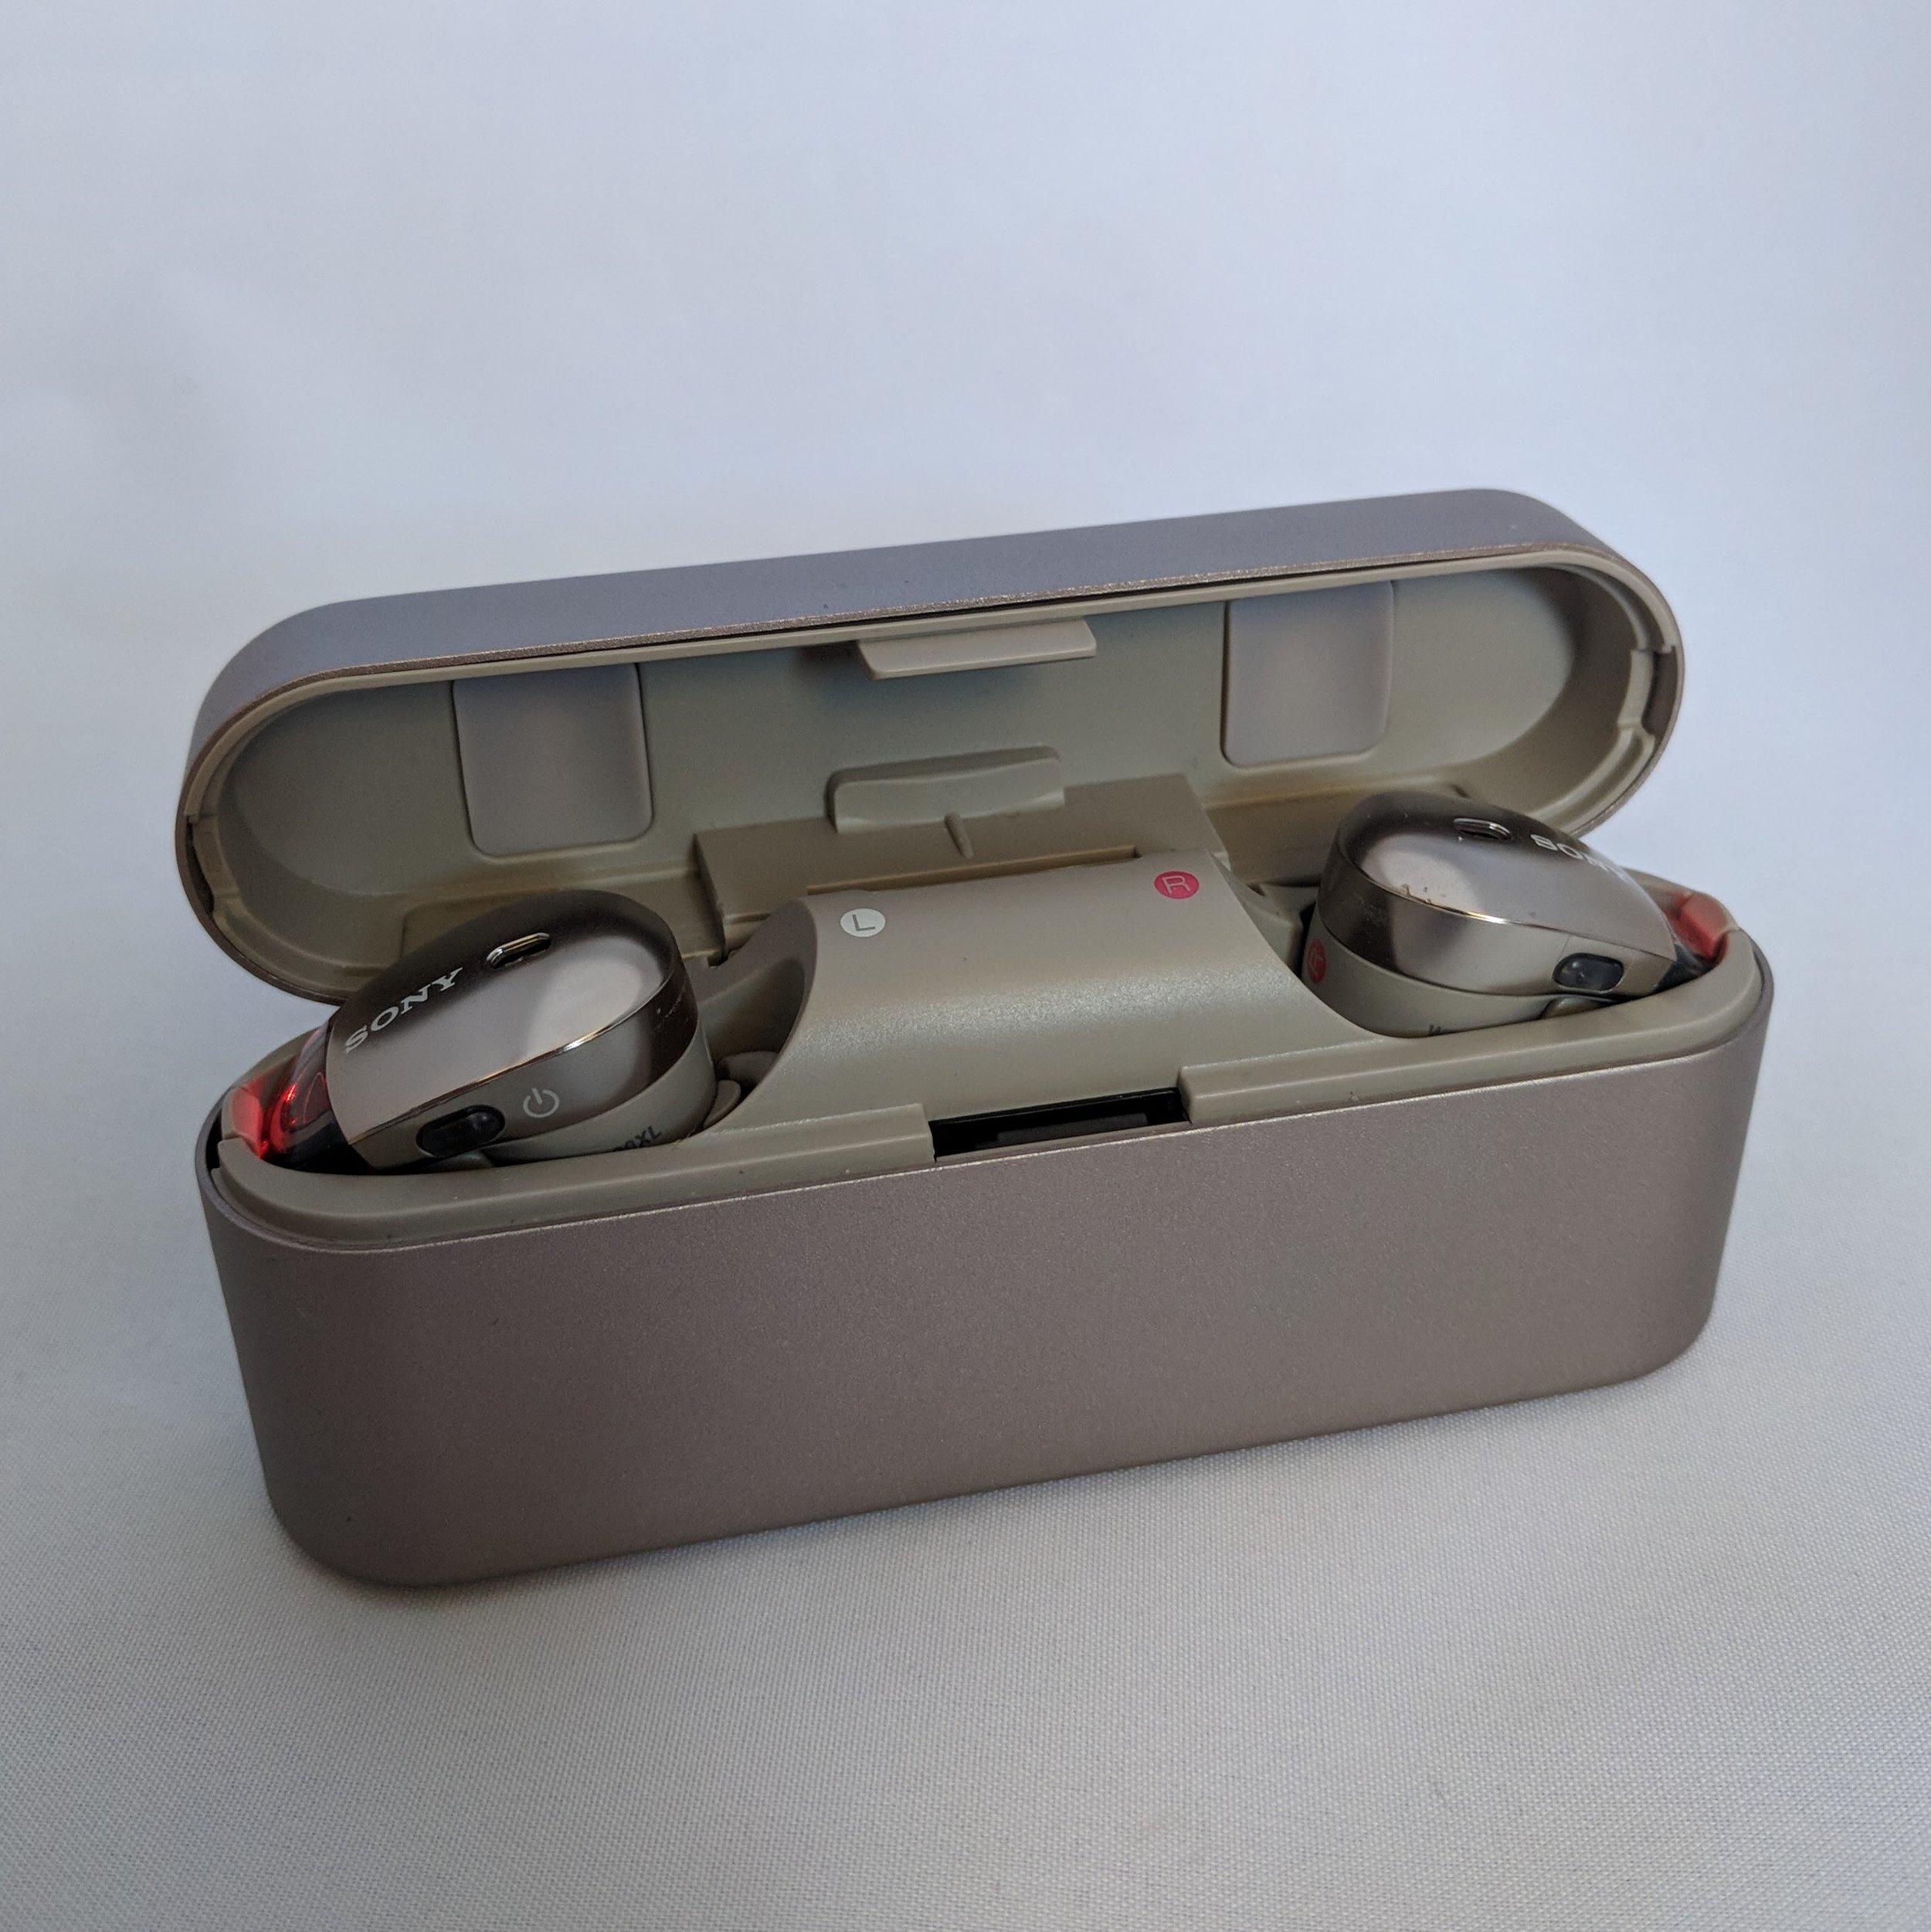 4 Headphones Charging.jpg